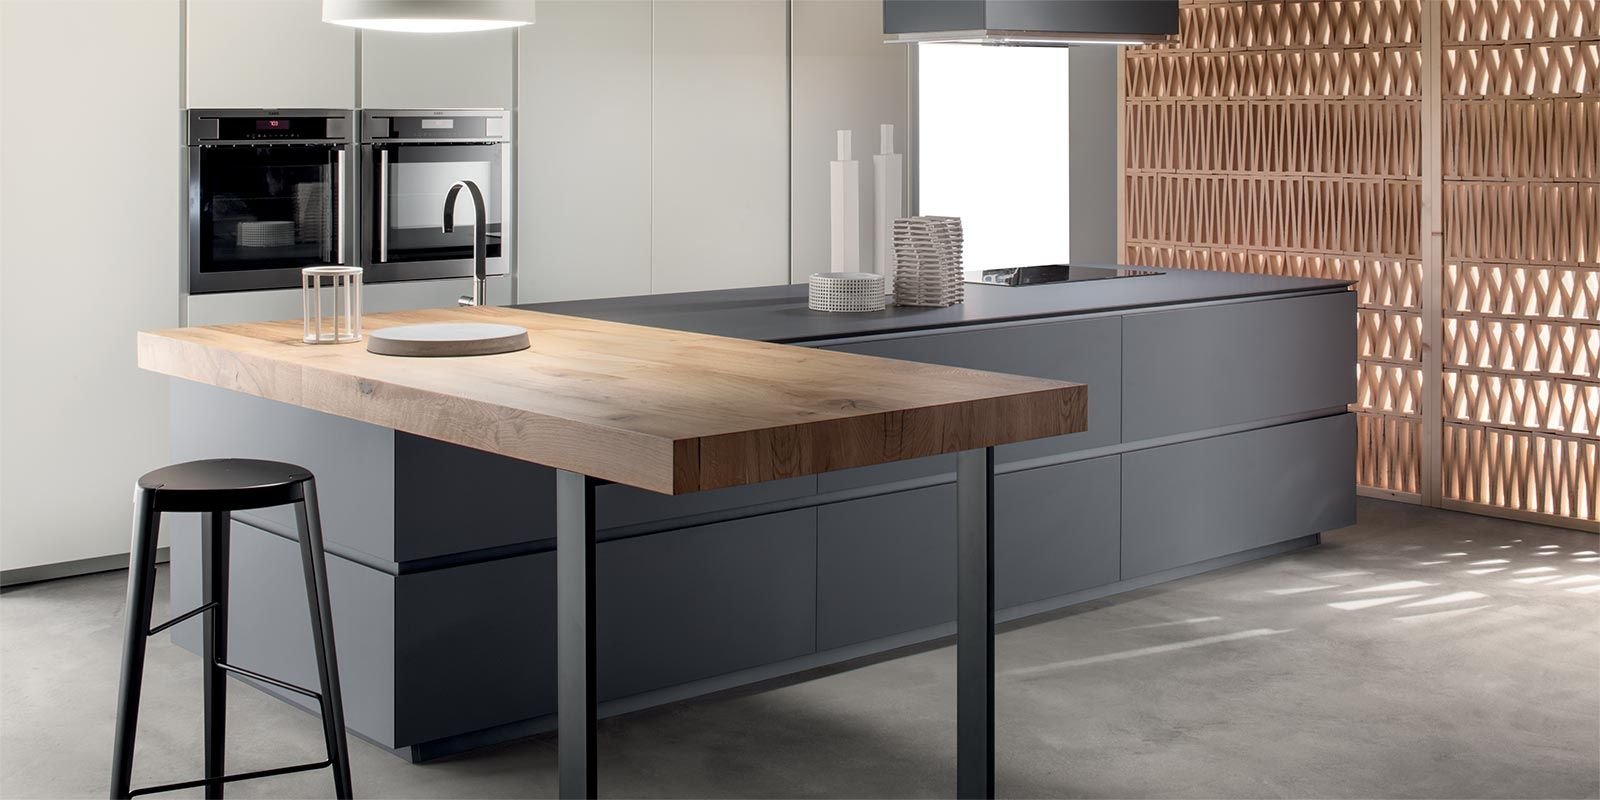 Cucine Obliqua - Cucine Moderne di Design - Ernestomeda | Küche ...